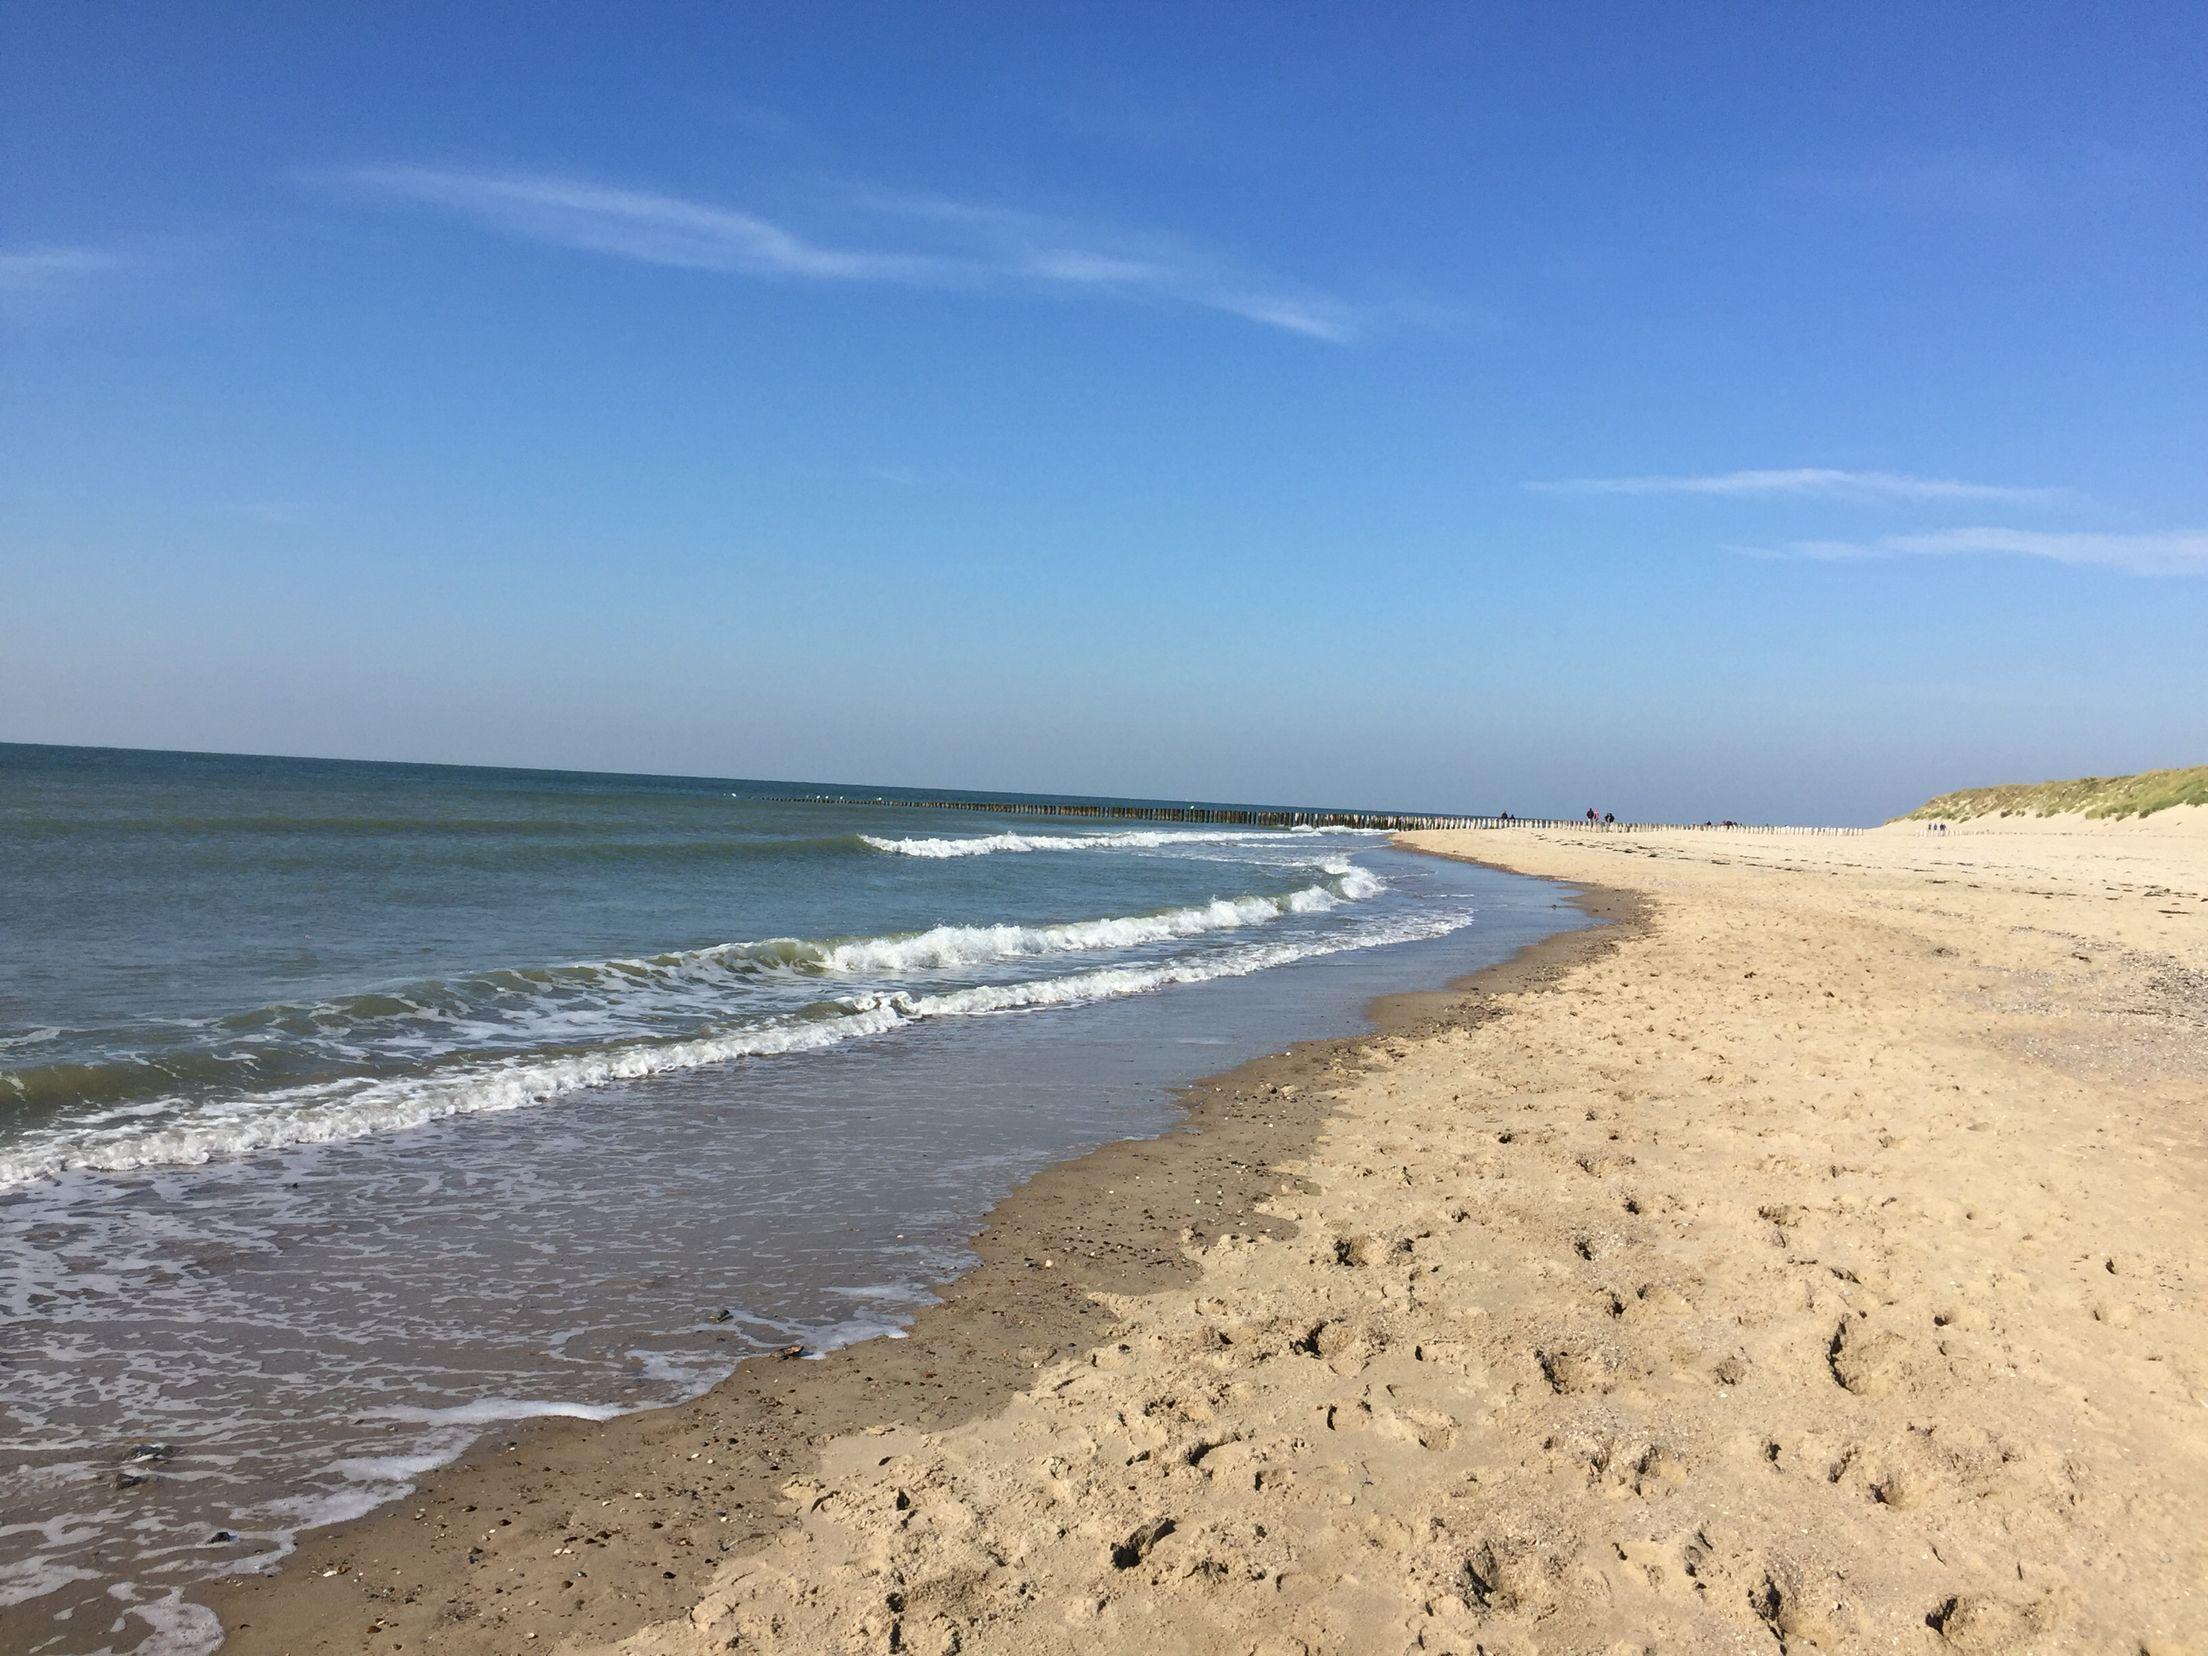 strandwandeling in oktober 2015 burgh haamstede nederland strand duinen zee wandelen. Black Bedroom Furniture Sets. Home Design Ideas